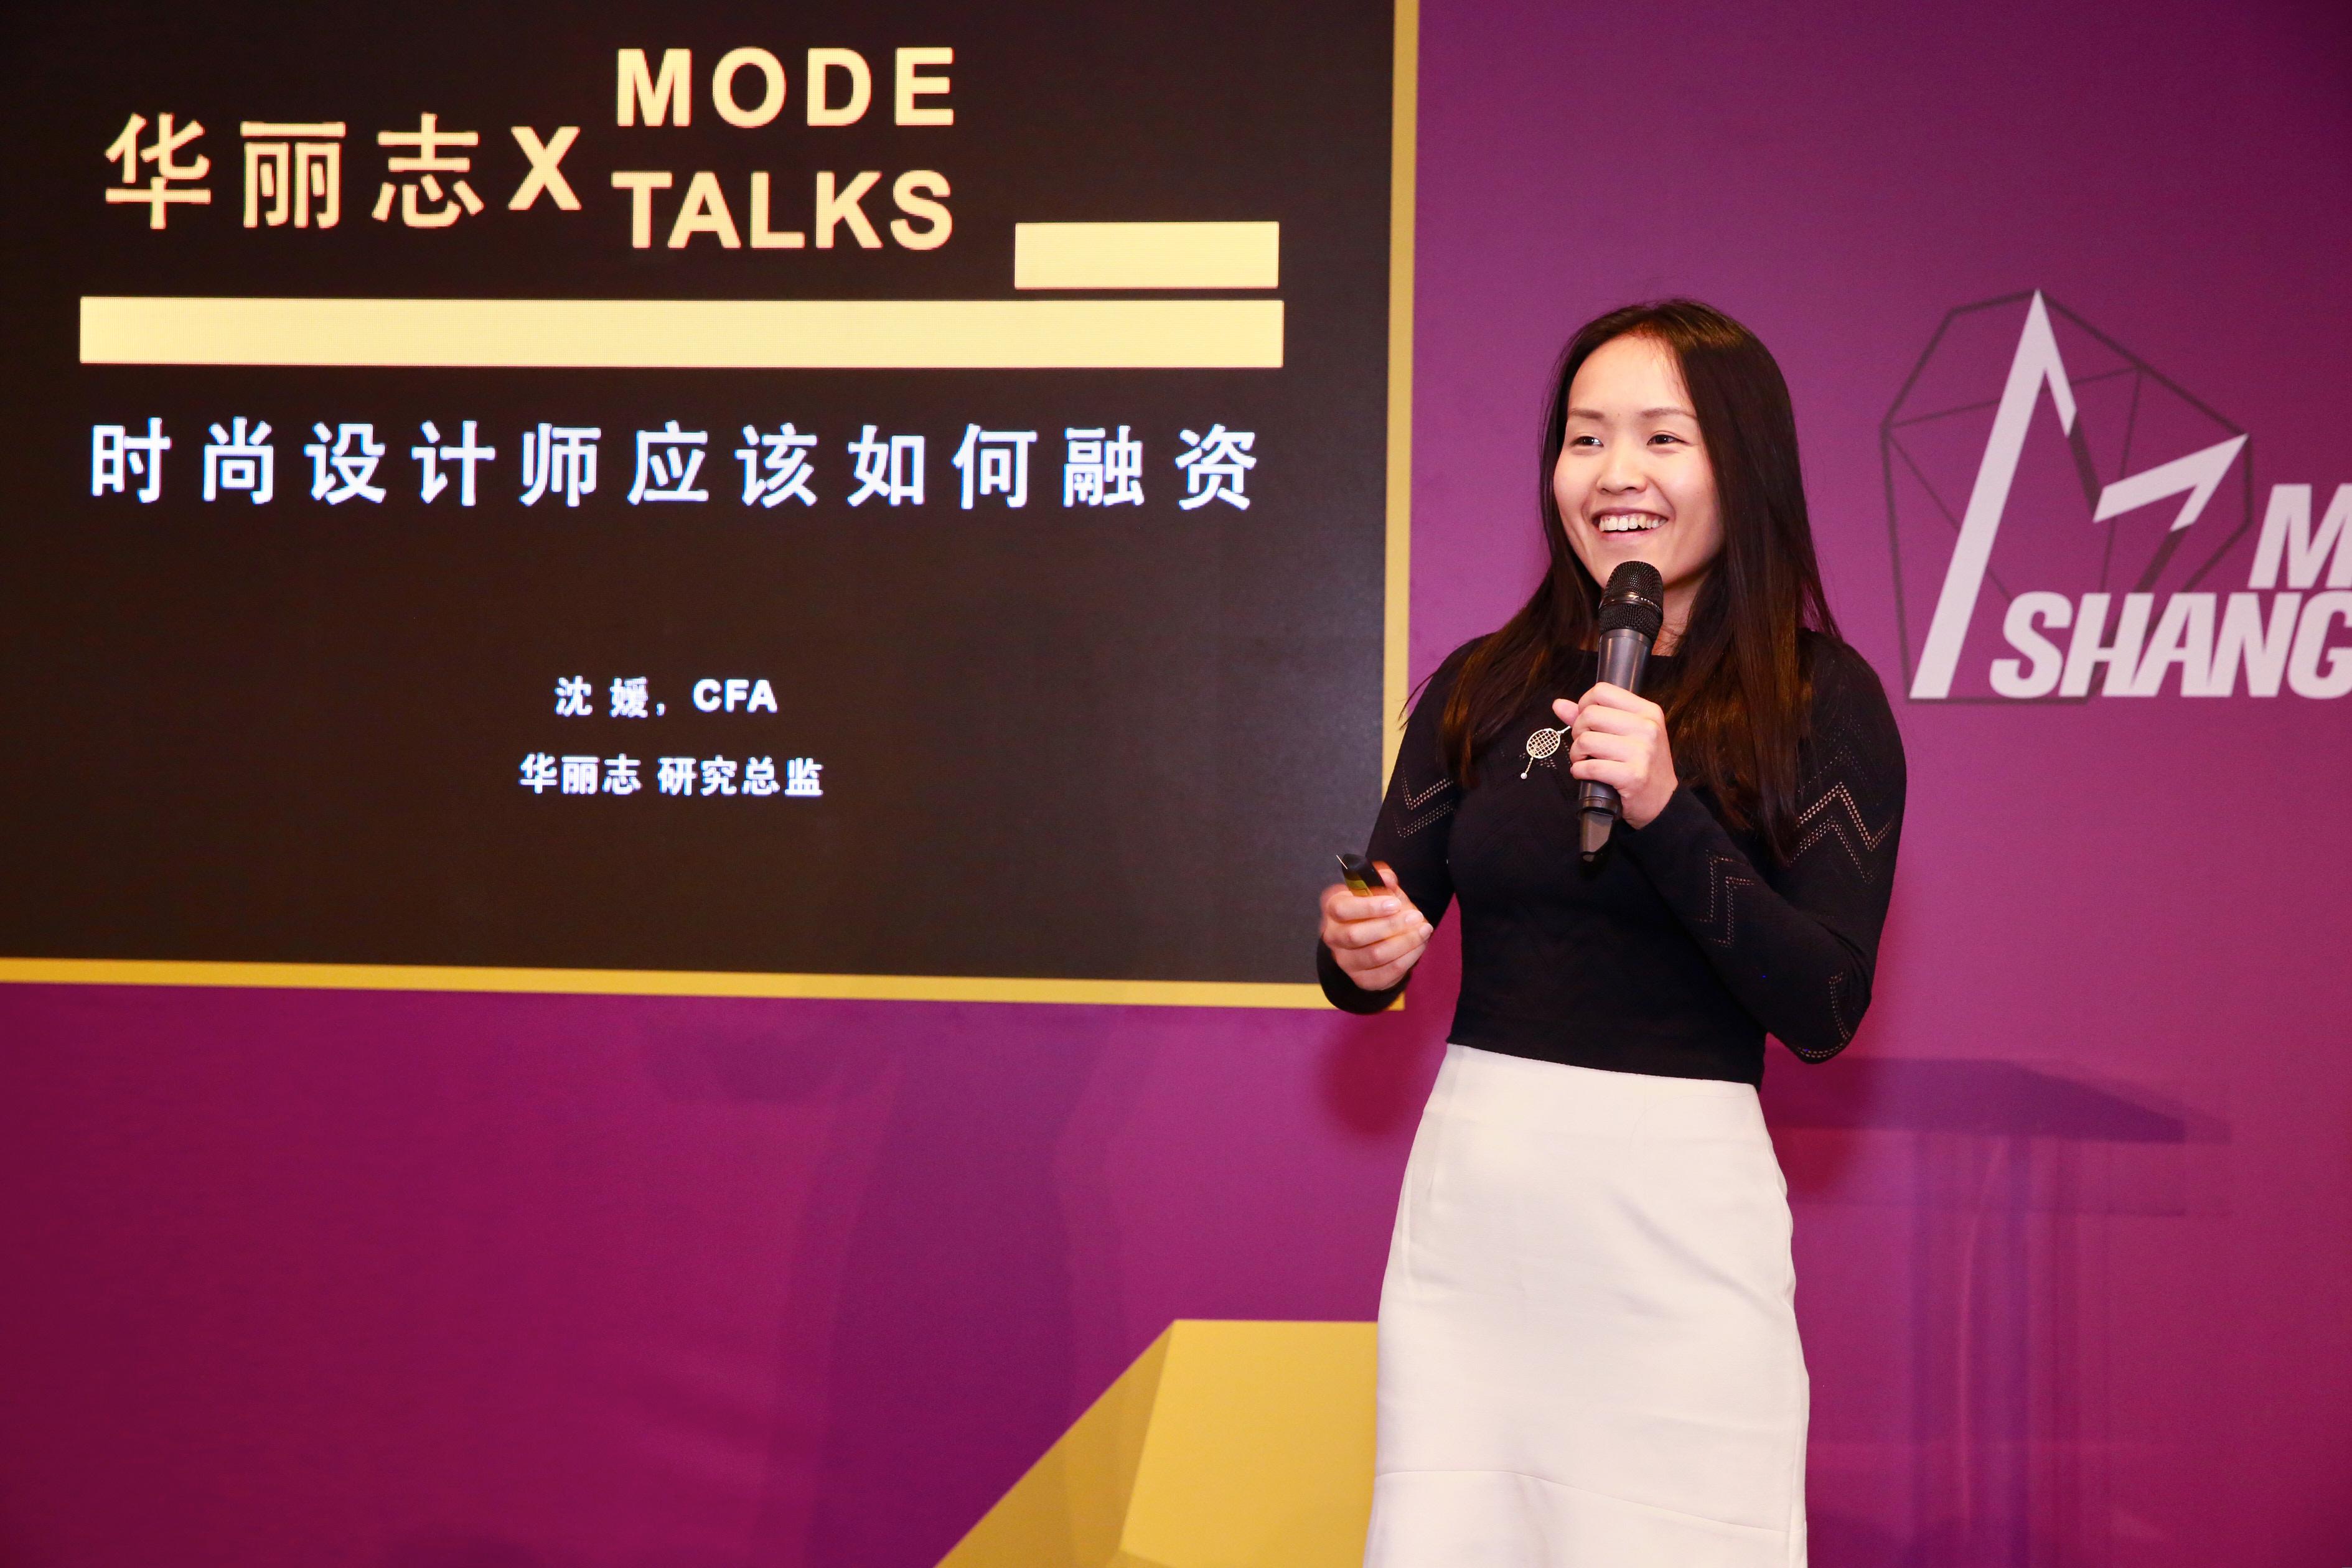 【华丽志 X 上海时装周 MODE Talks】华丽志研究总监沈媛:时尚设计师应该如何融资